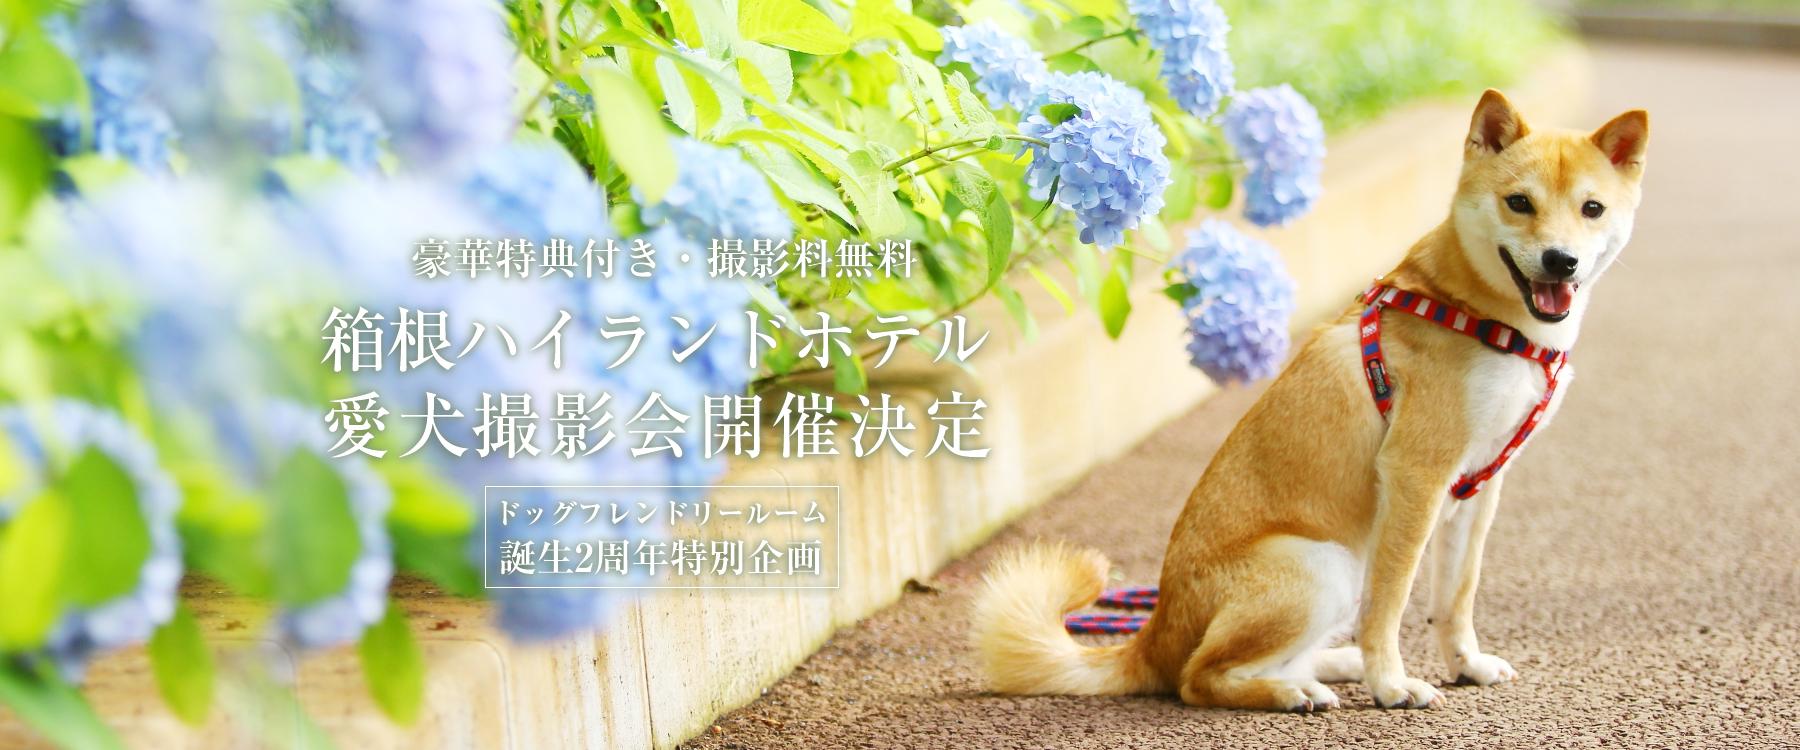 箱根ハイランドホテル愛犬撮影会